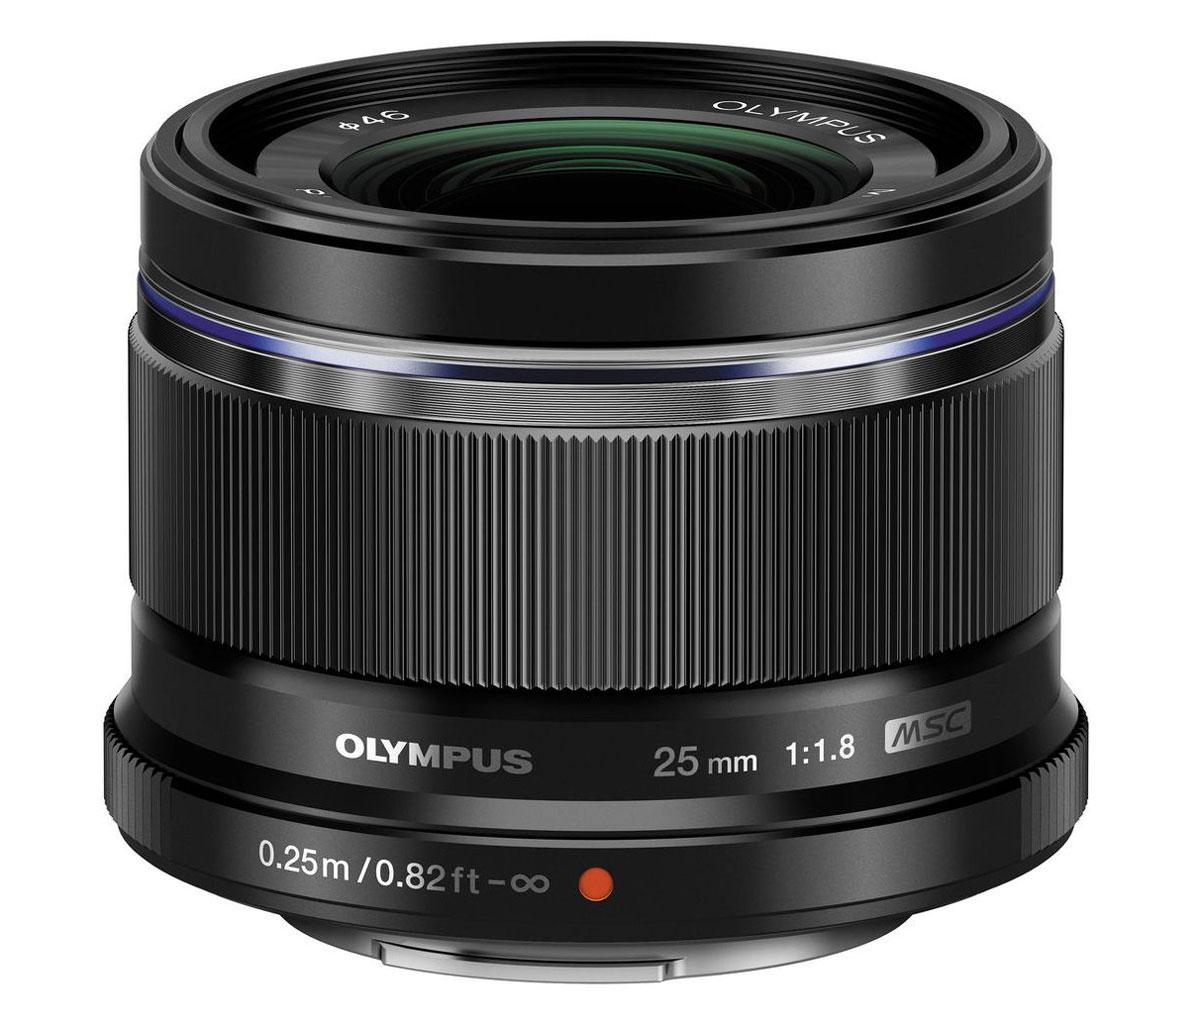 Olympus M.Zuiko Digital 25mm f/1.8, Black объективV311060BE000Объектив Olympus M.Zuiko Digital 25mm f/1.8 обладает отличными оптическими характеристиками: красивое боке на открытой диафрагме и фокусировка на близких объектах. Компактность и удивительная прочностьОбъектив обладает теми же характеристиками, что и знаменитый M.Zuiko Digital ED 45мм 1:1.8. Минимальная диафрагма 1:1.8 обеспечивает вам контроль над глубиной изображения и возможность снимать при недостаточном освещении, что дополняется фирменной системой стабилизации Olympus, которая противодействует вибрациям камеры и обеспечивает резкие изображения даже на длинных выдержках. Объектив можно использовать во множестве ситуаций, его стандартное фокусное расстояние воспроизводит такой охват сцены, который характерен для человеческого зрения, и обеспечивает естественные пропорции. Он станет прекрасным дополнением к китовому объективу.Особенности:Сменное декоративное кольцоВысокоскоростной автофокус с технологией MSCВысокая светосила для управления глубиной резкости